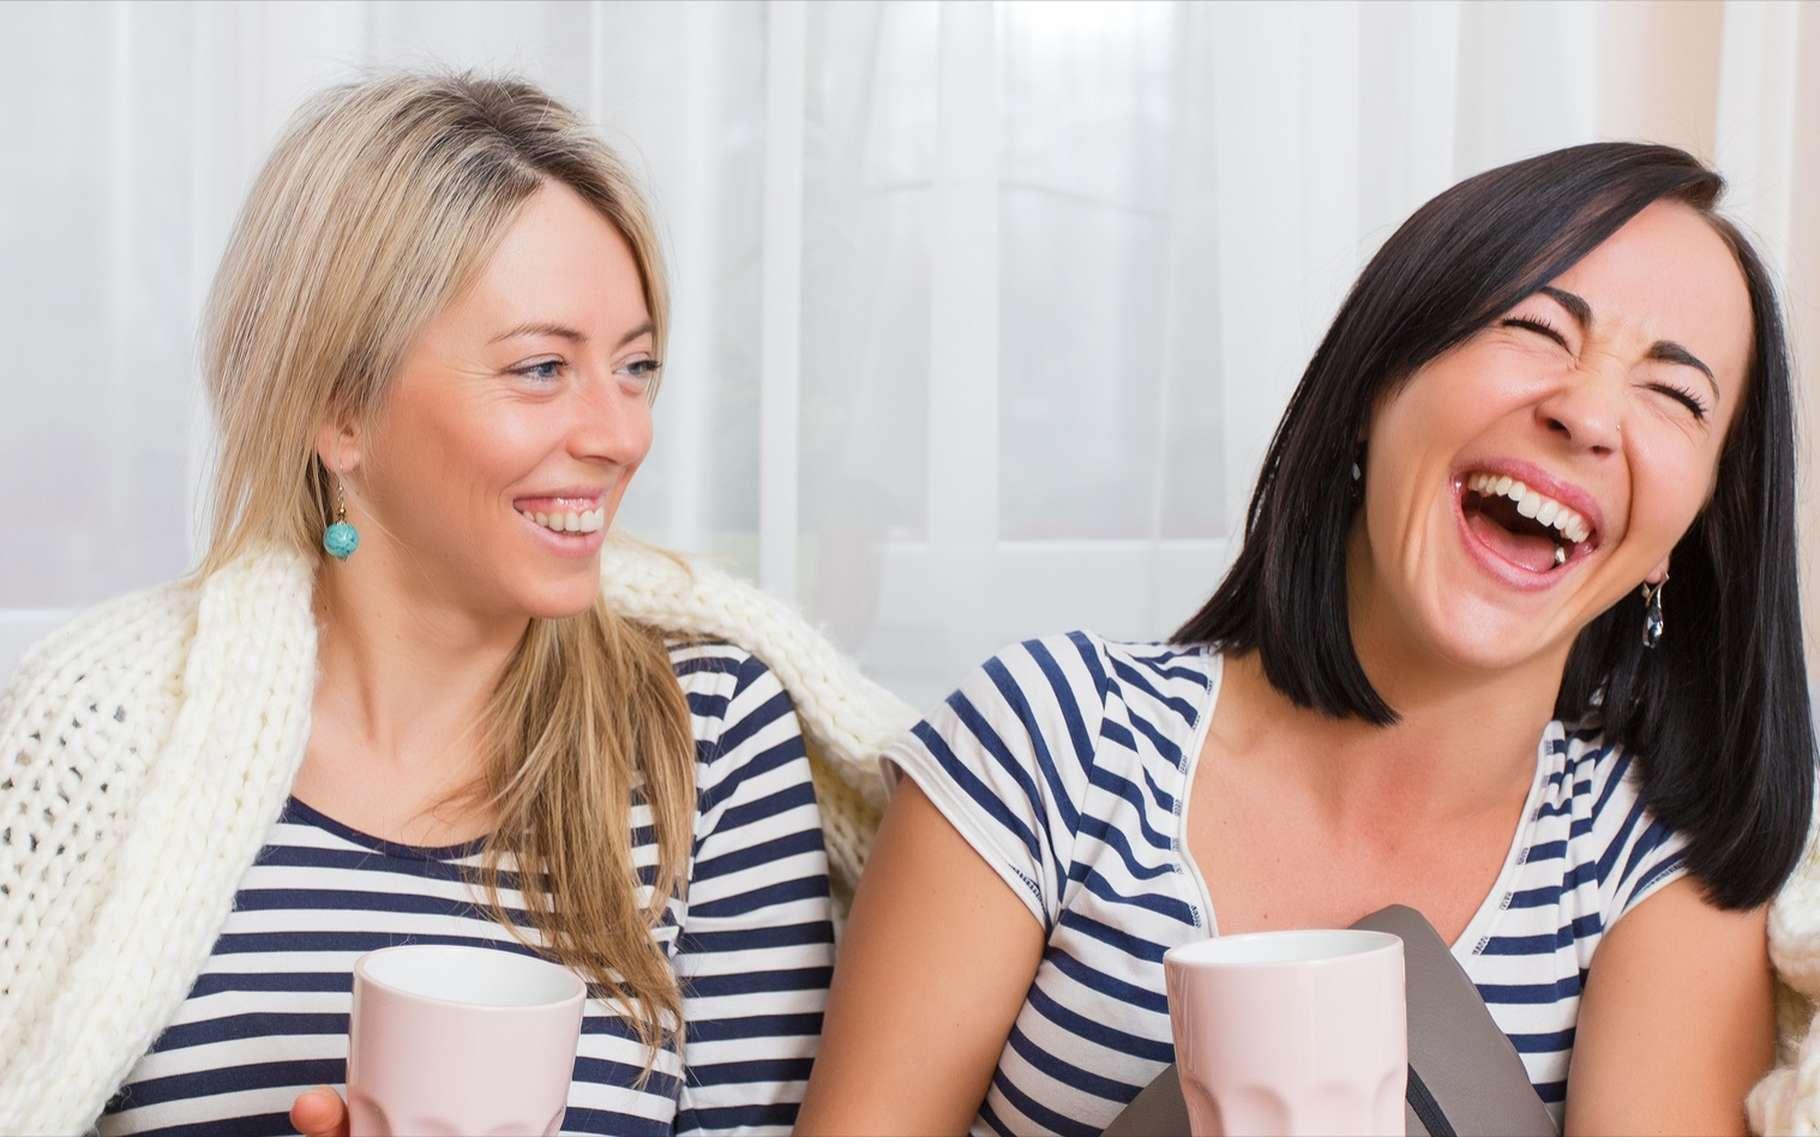 Faire rire les autres, c'est aussi leur apporter un peu de bien-être. Et vous, avez-vous le sens de l'humour ? © Kaspars Grinvalds, Shutterstock